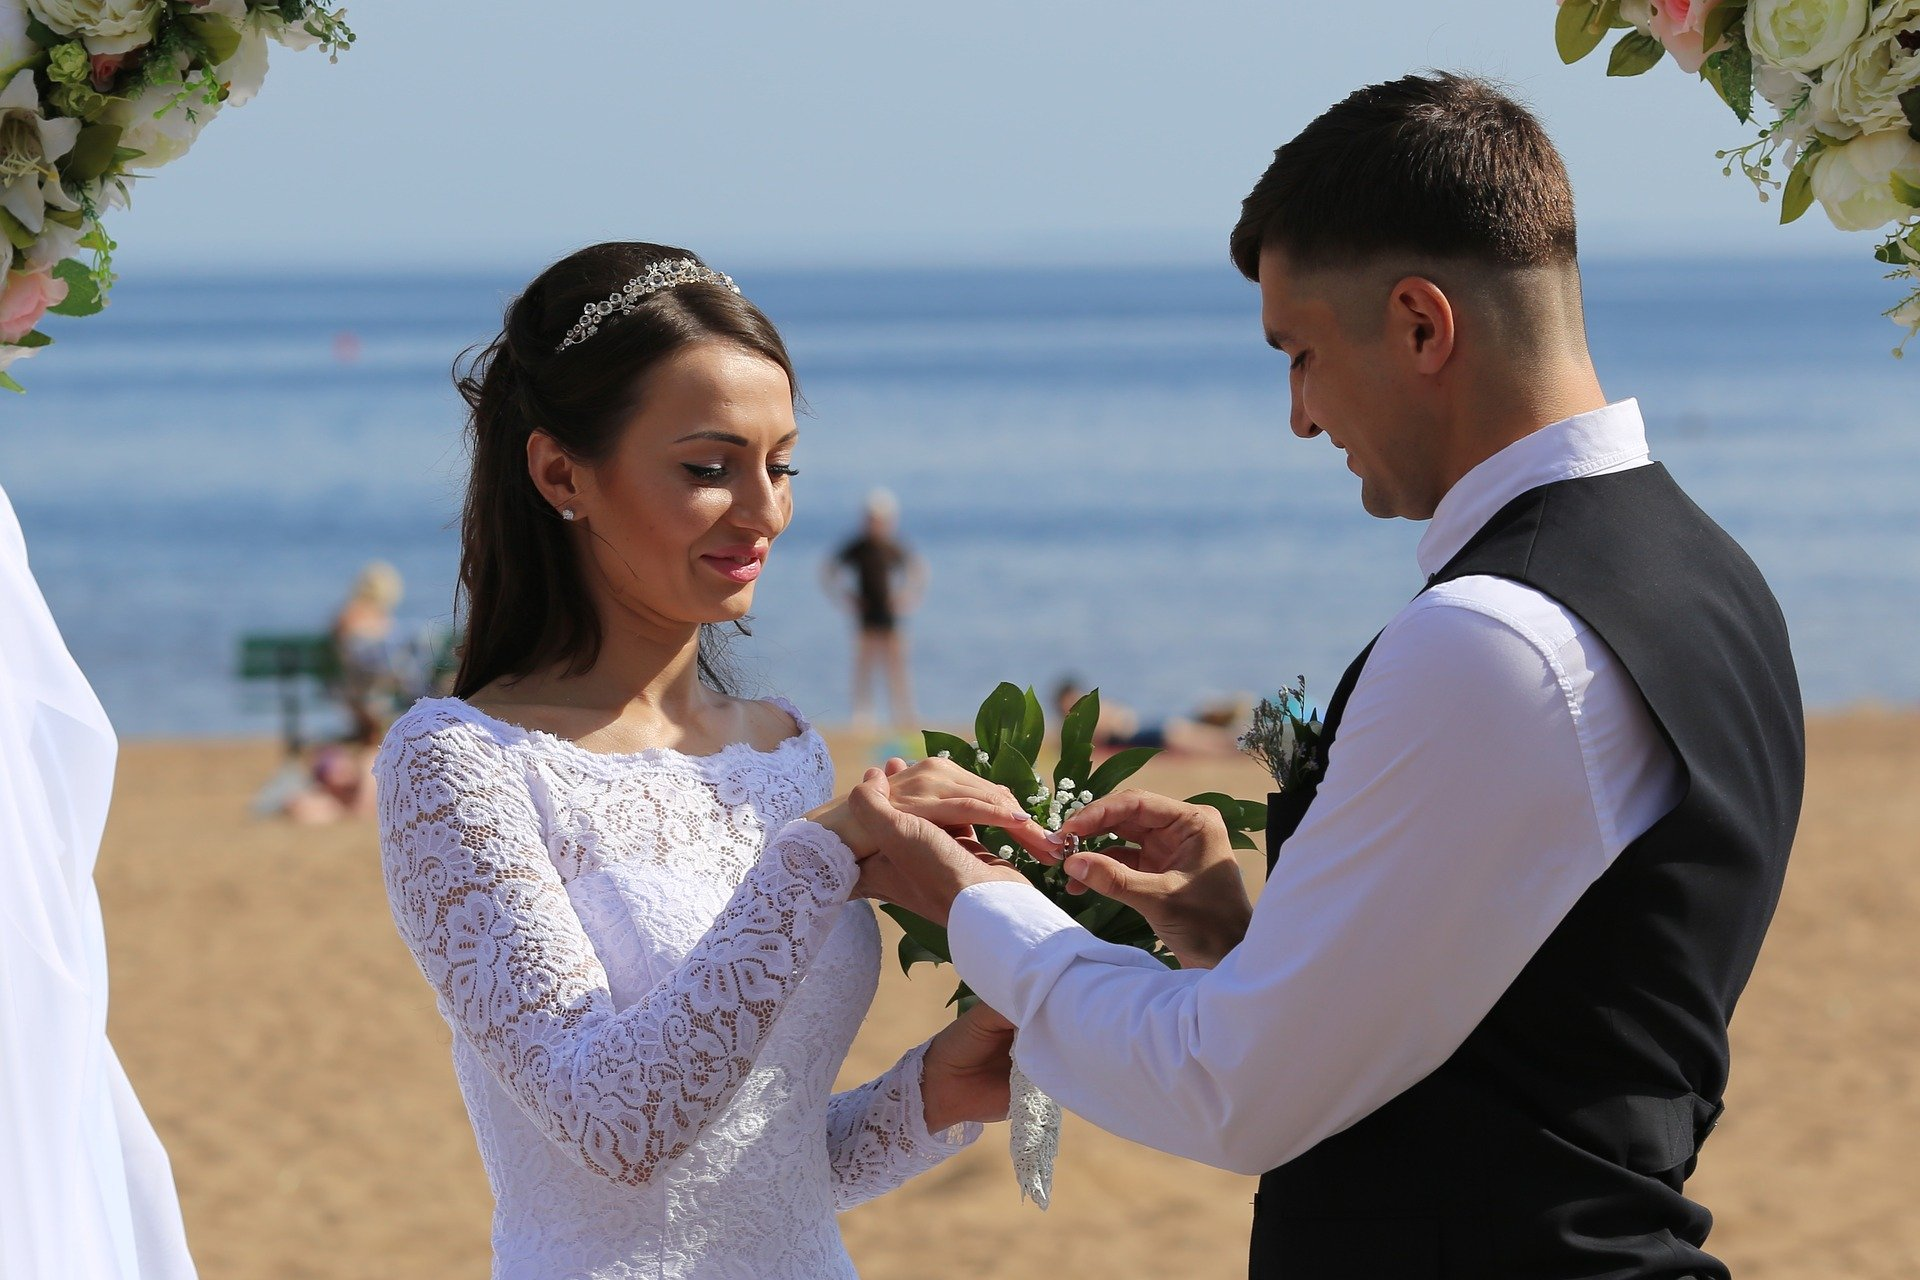 Trouwen in het buitenland - huwelijksreizen | Voyage Unique - Reisbureau Sint-Martens-Latem